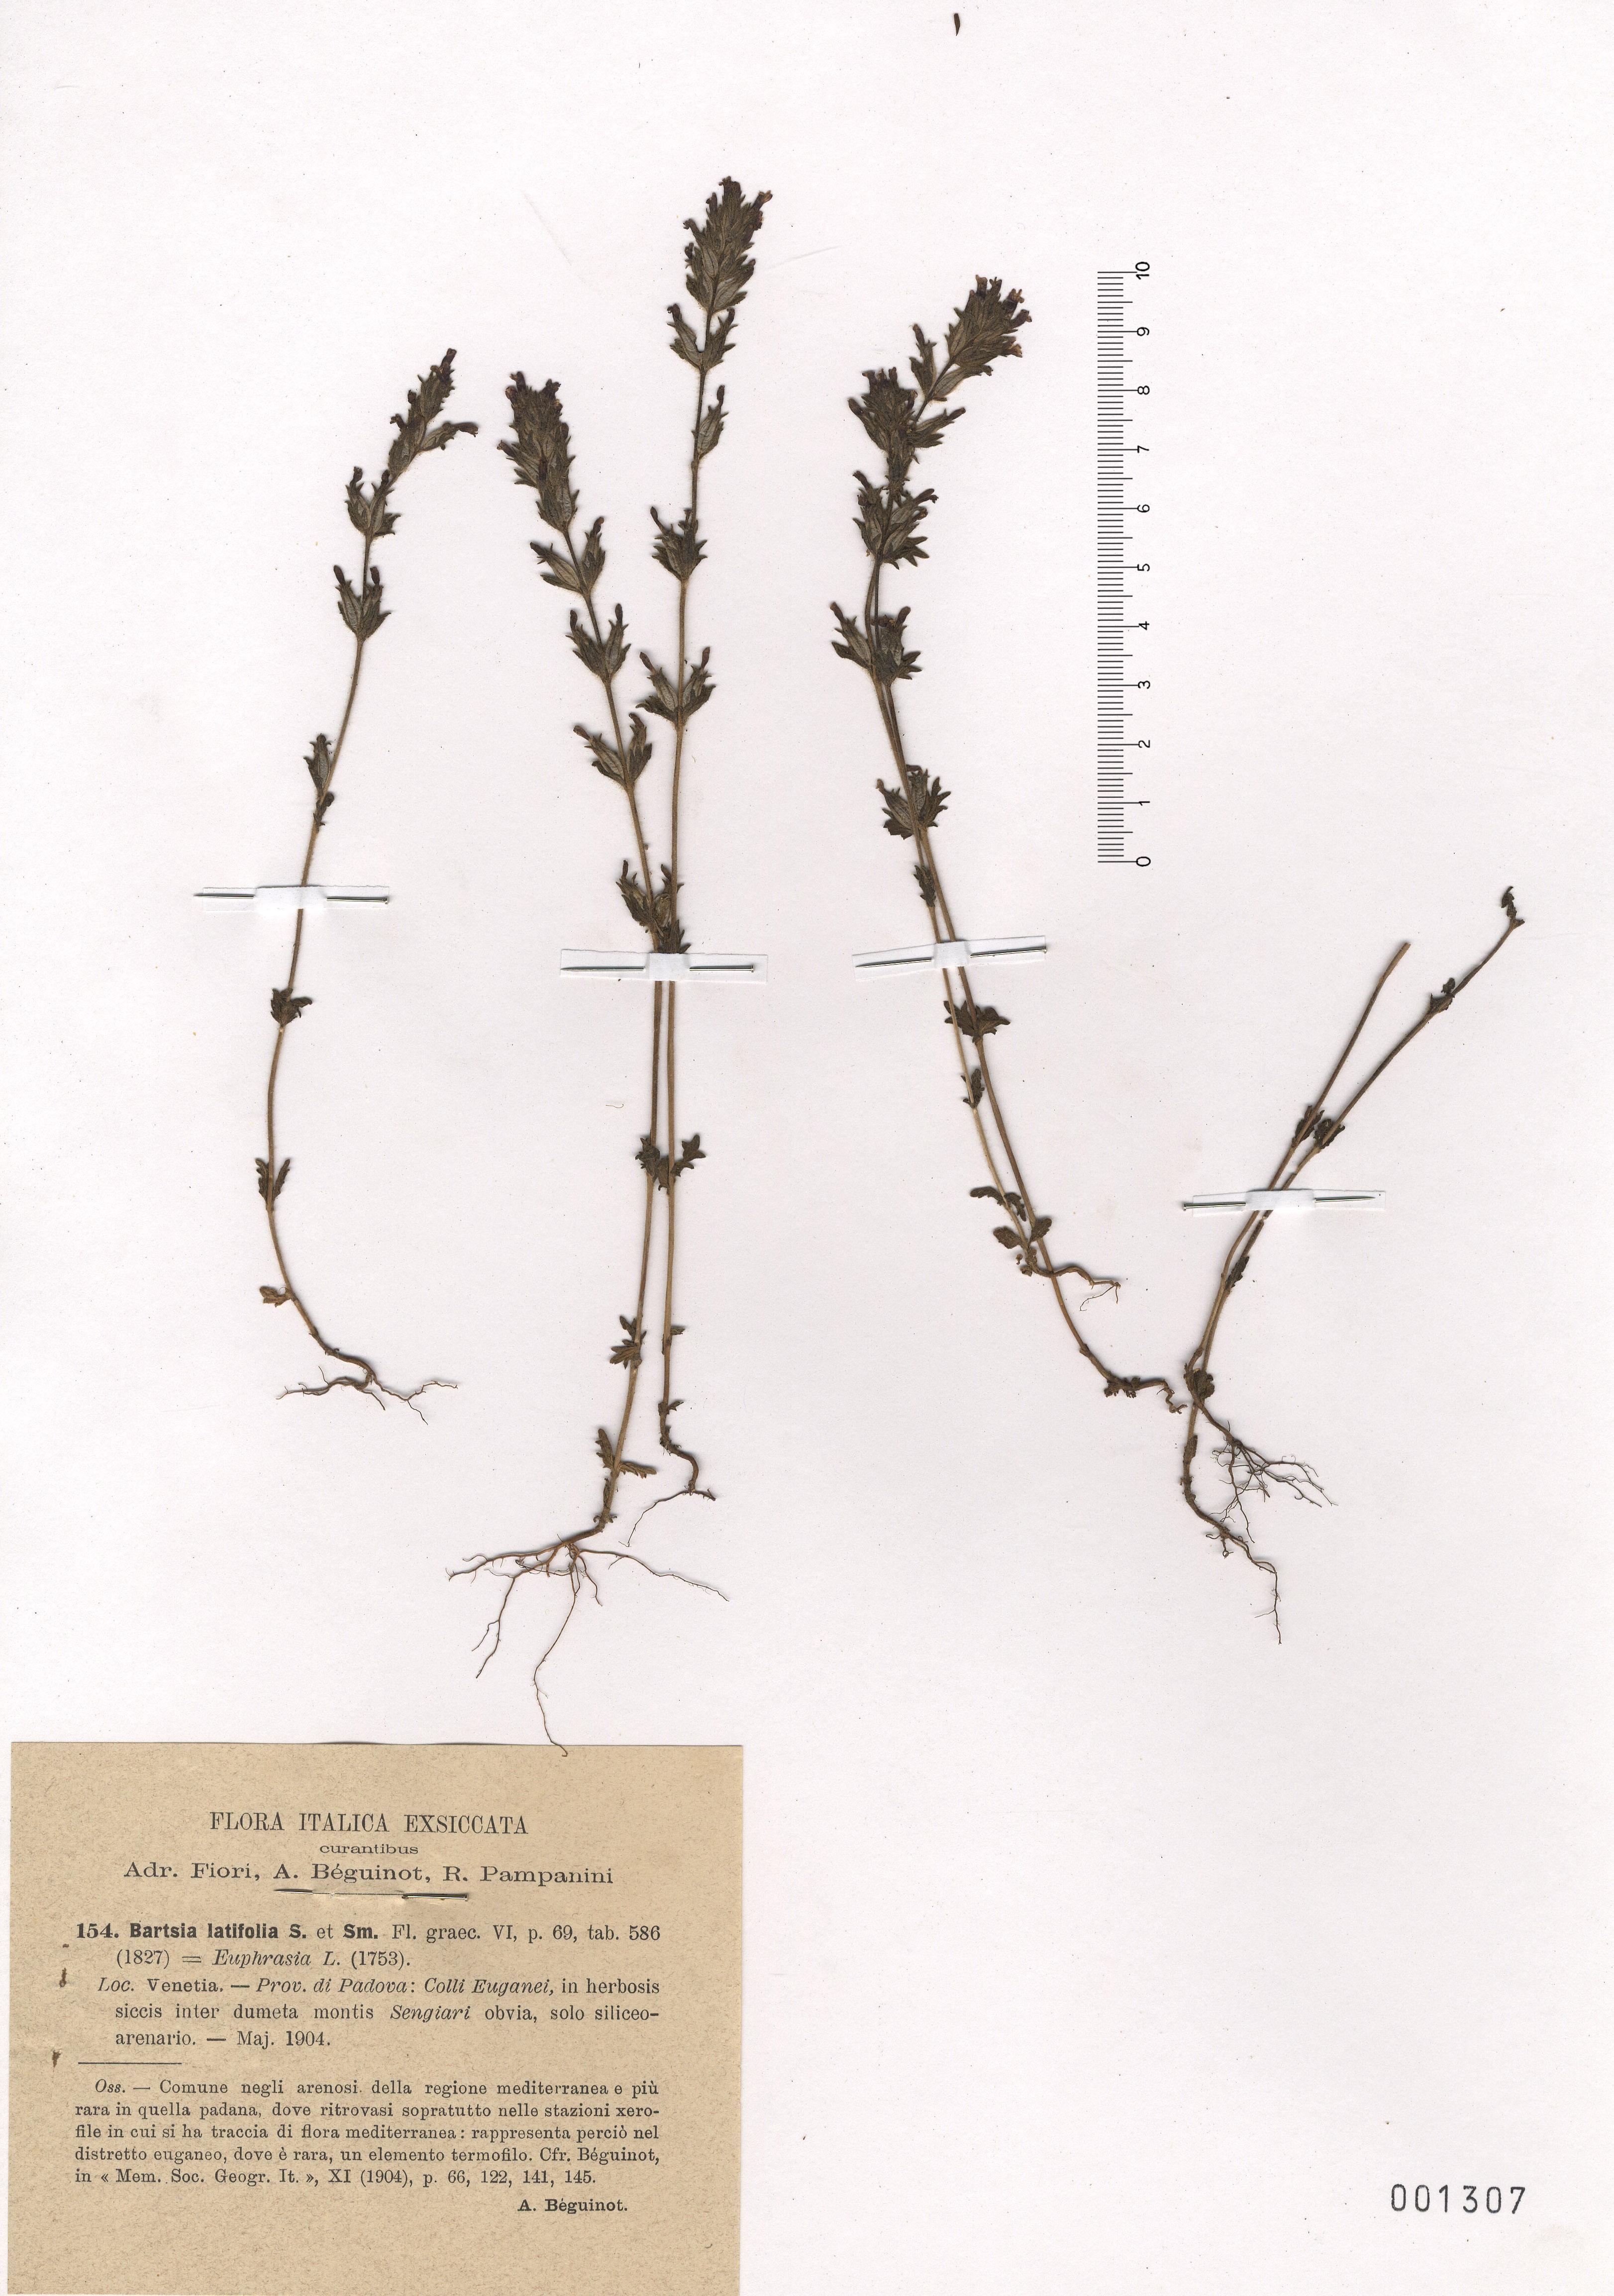 © Hortus Botanicus Catinensis - Herb. sheet 001307<br>